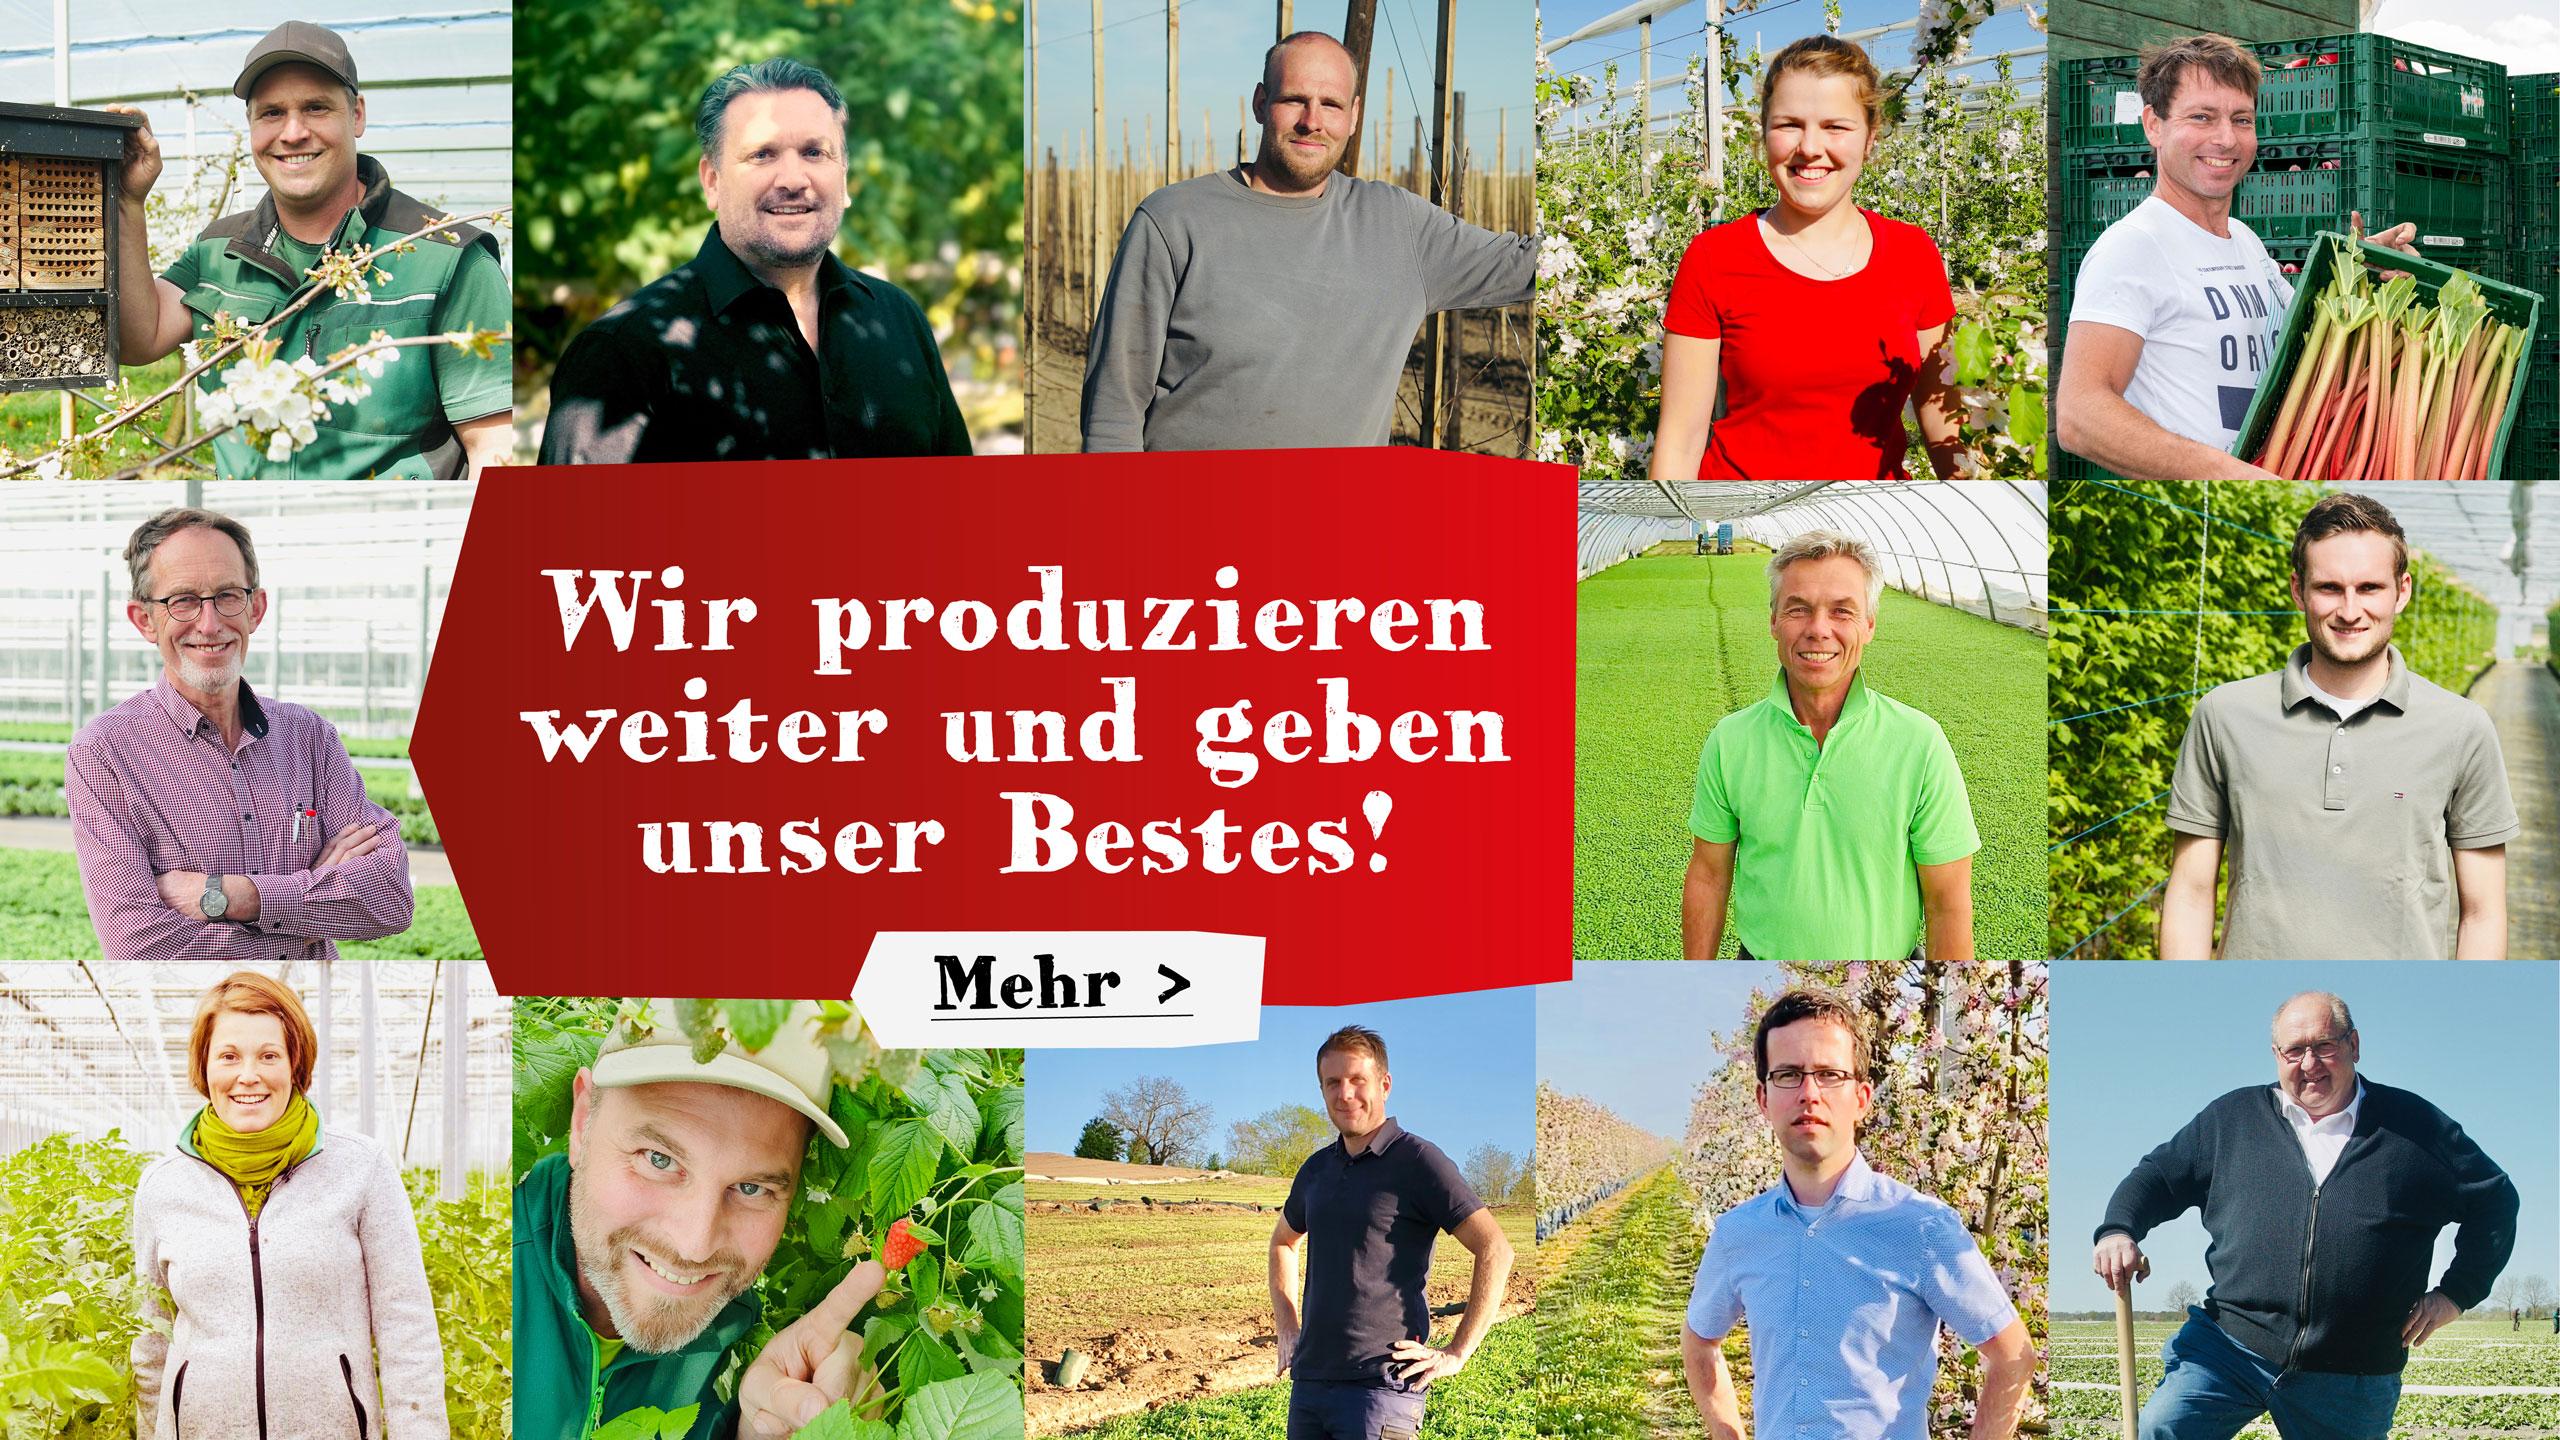 #wirgebenunserbestes alle Landwirte und Landwirtinnen sind im Einsatz